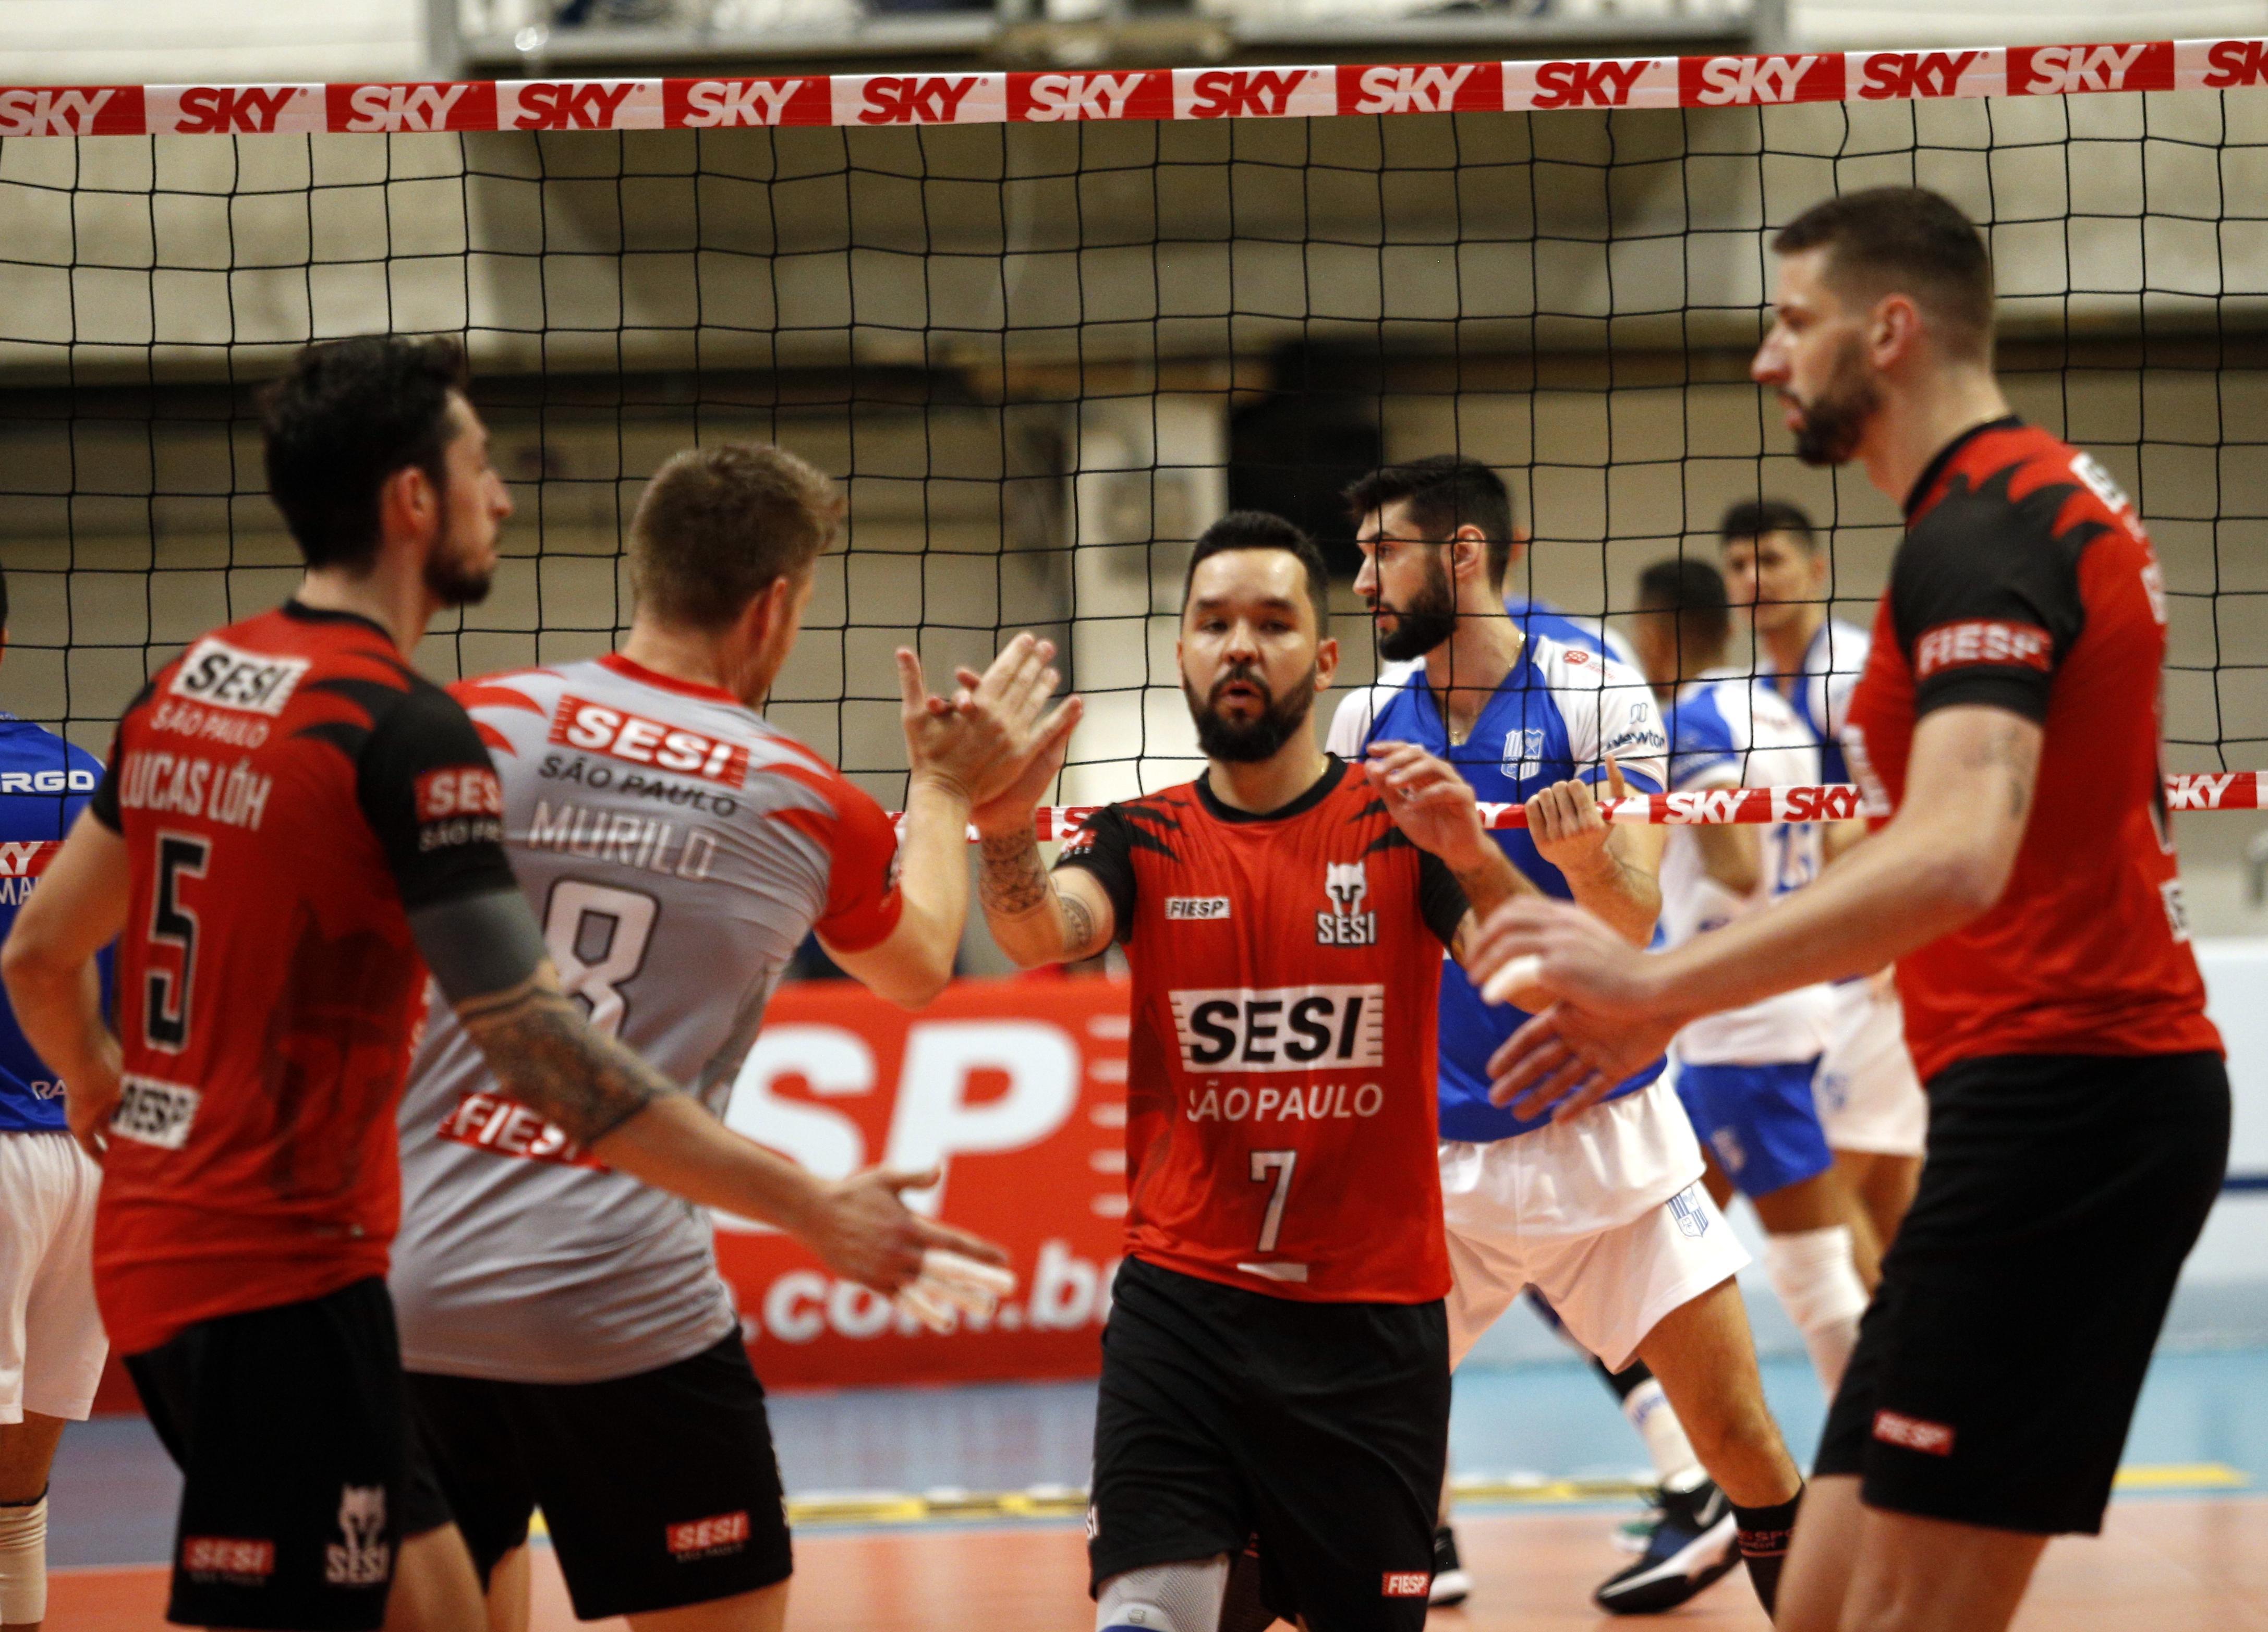 Sesi-SP e Sada Cruzeiro fazem reedição da última final